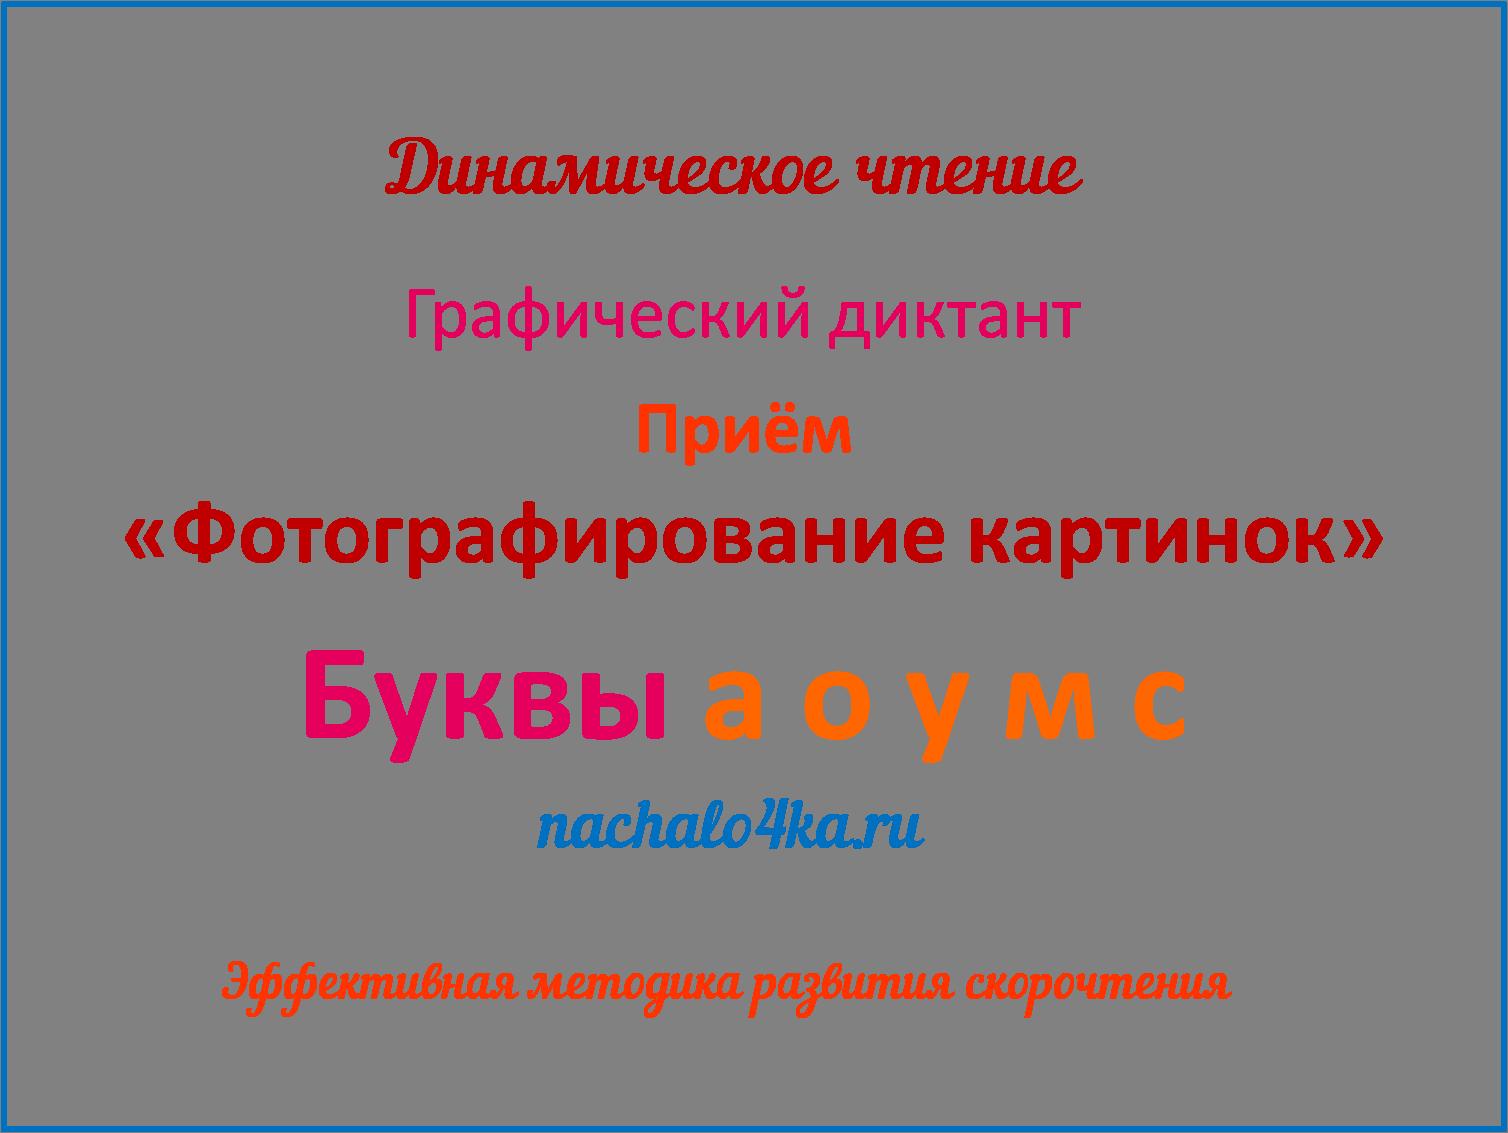 графический диктант 00